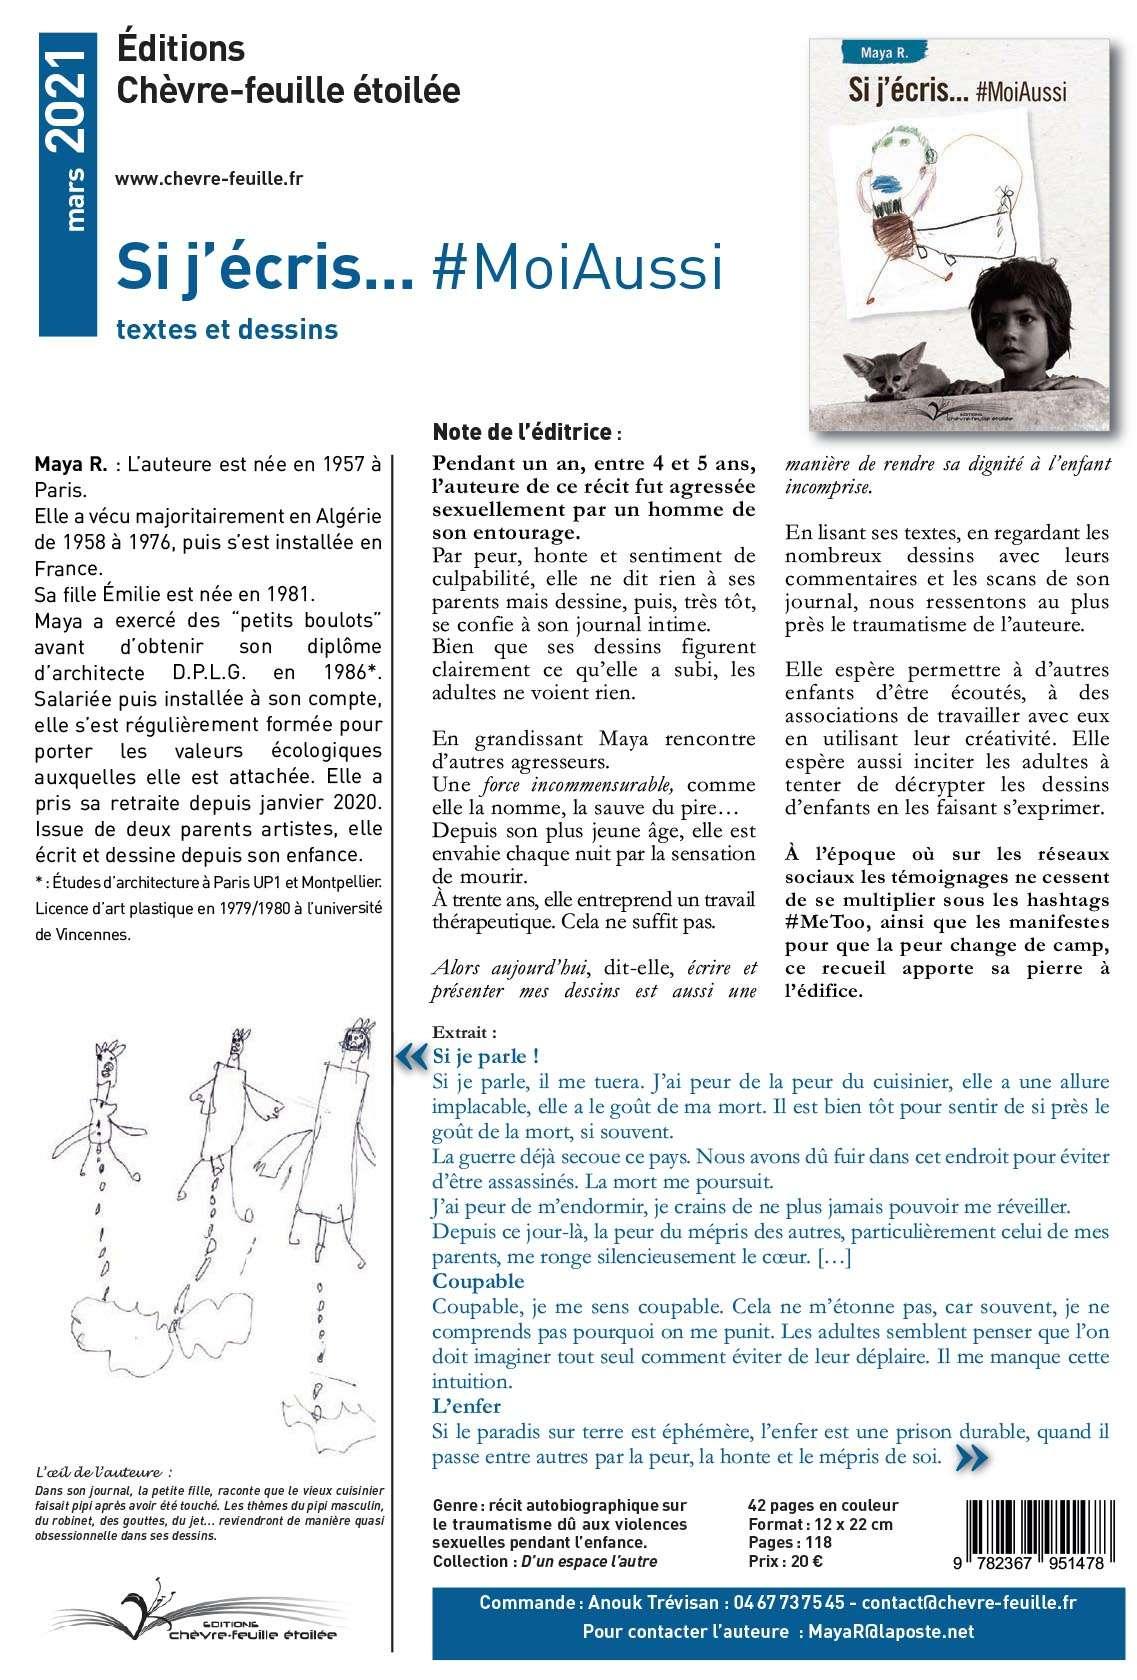 Si j'écris…#MoiAussi -Éditions Chèvre-feuille étoilée